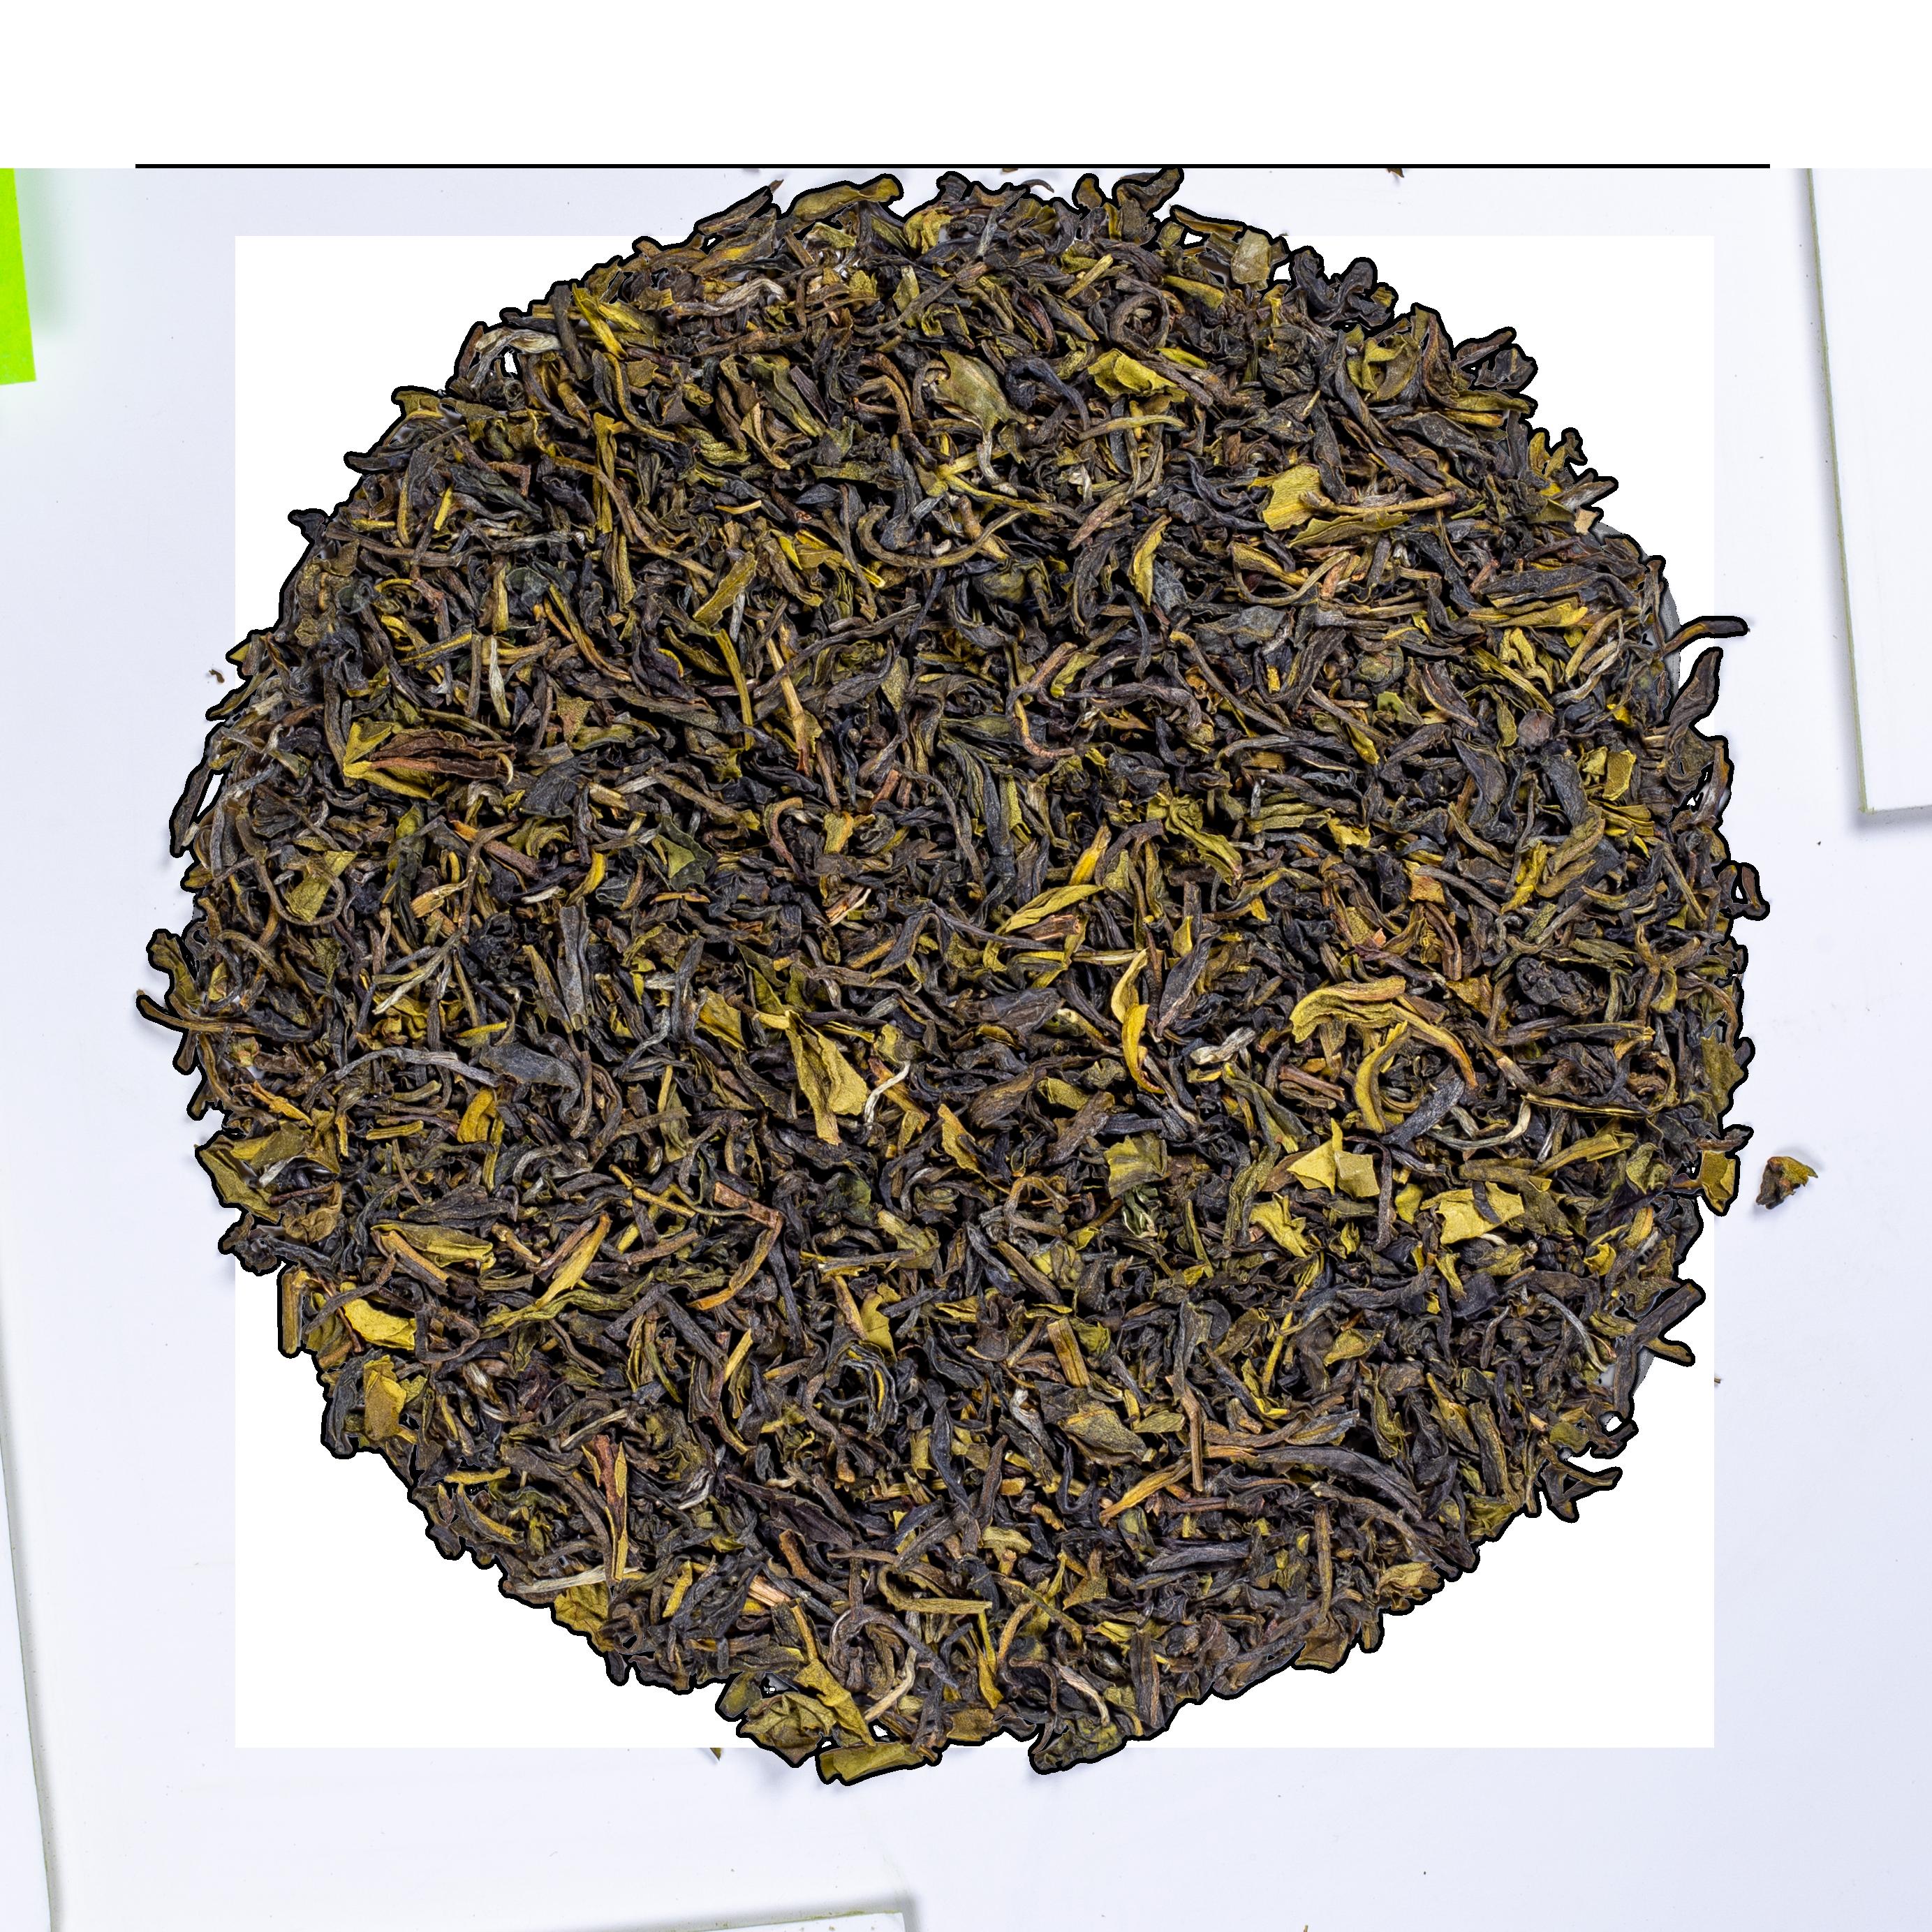 Thé vert - Darjeeling Vert Bio - Thé en vrac - Kusmi Tea